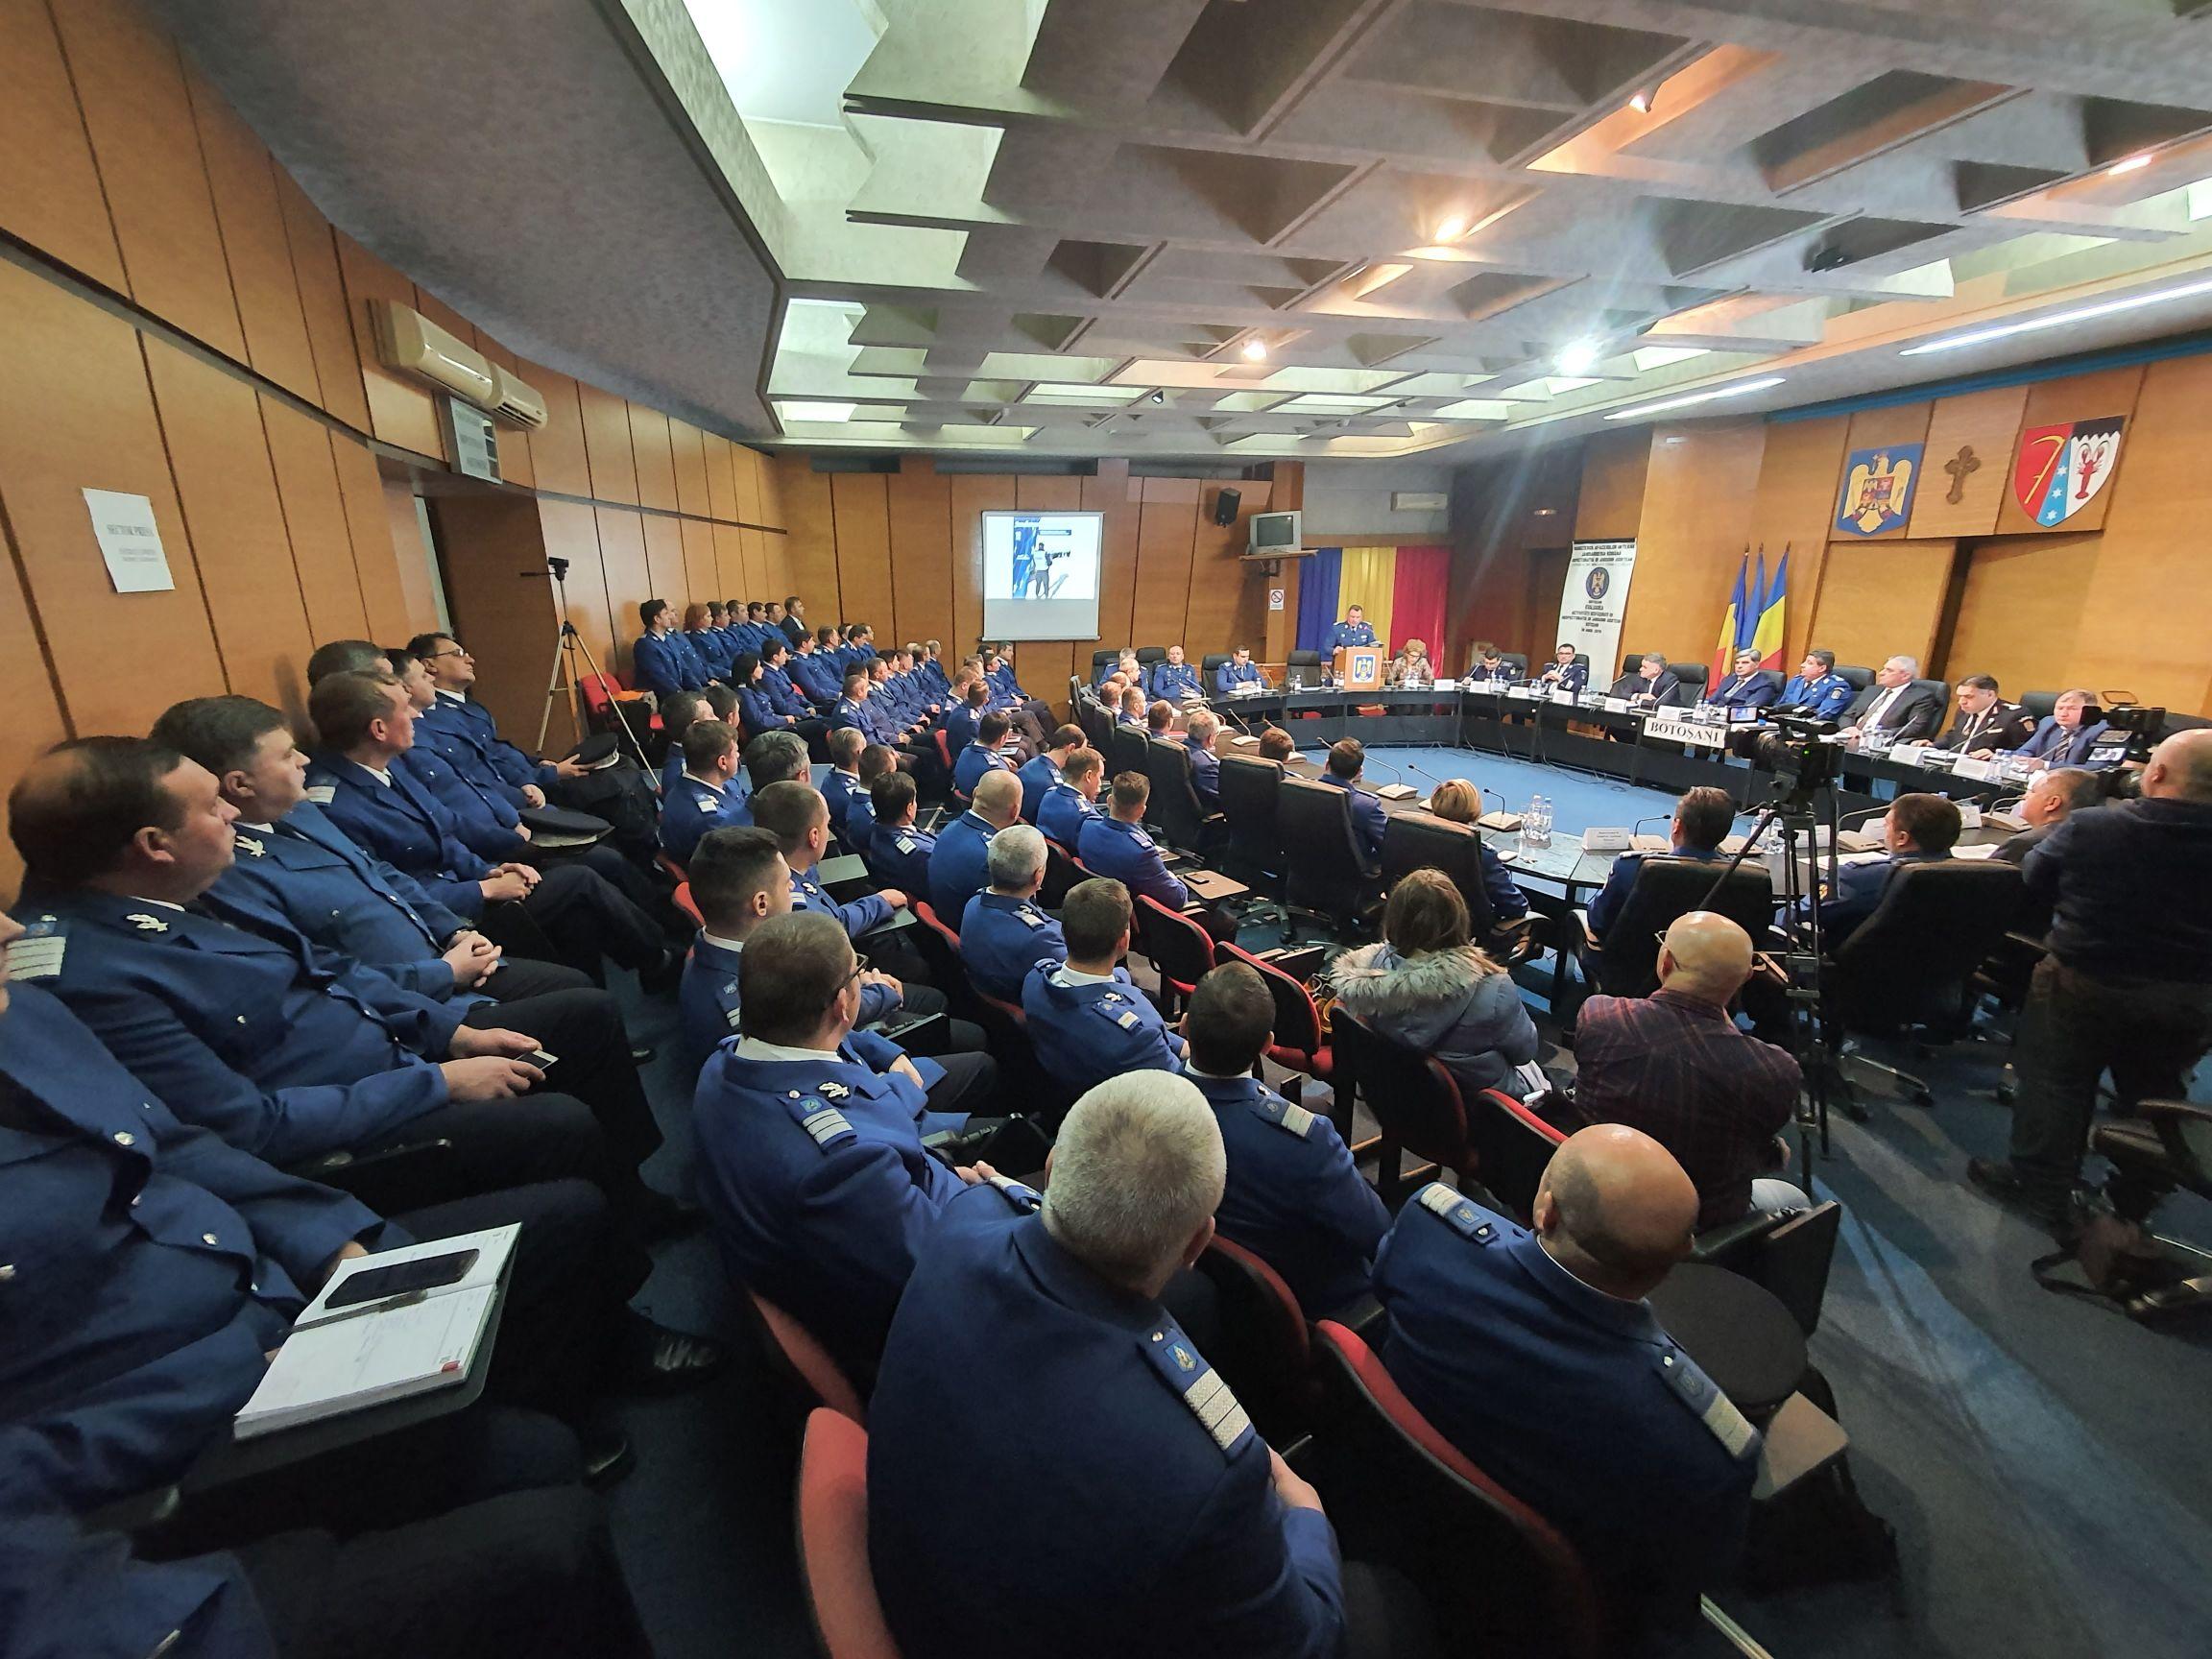 FOTO / Evaluarea activității și rezultatele obținute de Inspectoratul de Jandarmi Județean Botoșani în anul 2019